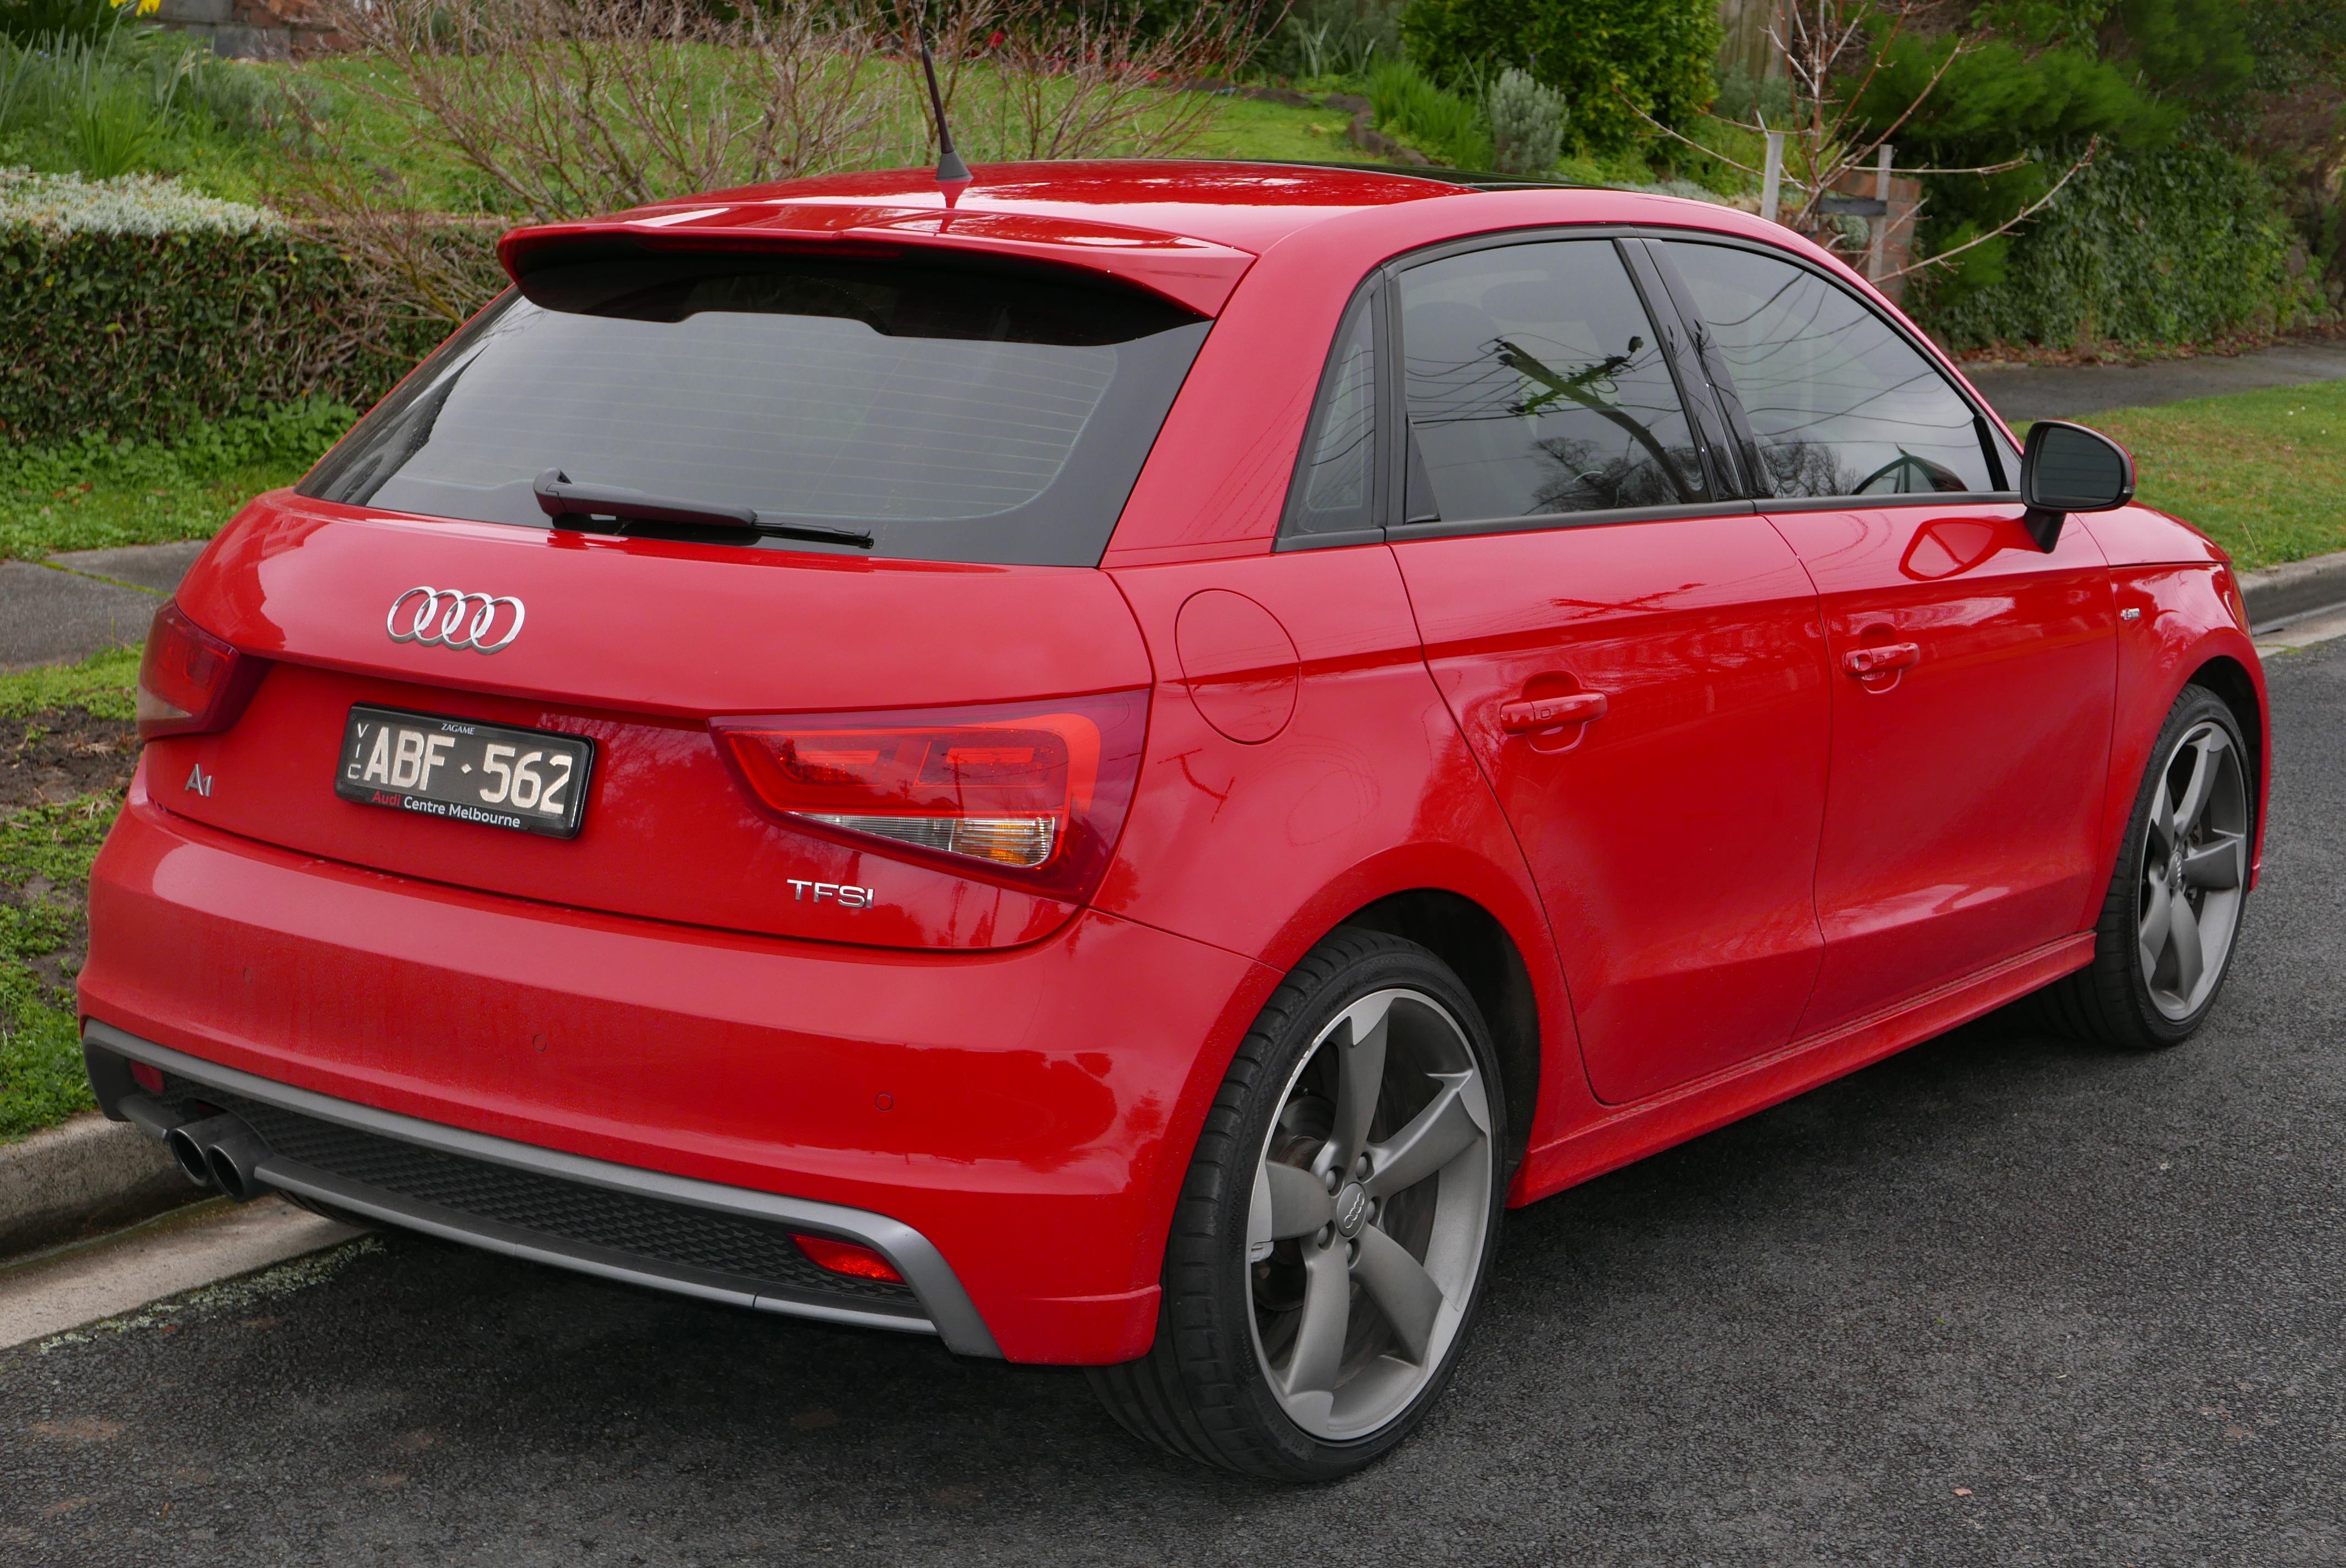 File2013 Audi A1 (8X MY14) 1.4 TFSI Sport S line Sportback 5 & File:2013 Audi A1 (8X MY14) 1.4 TFSI Sport S line Sportback 5-door ...